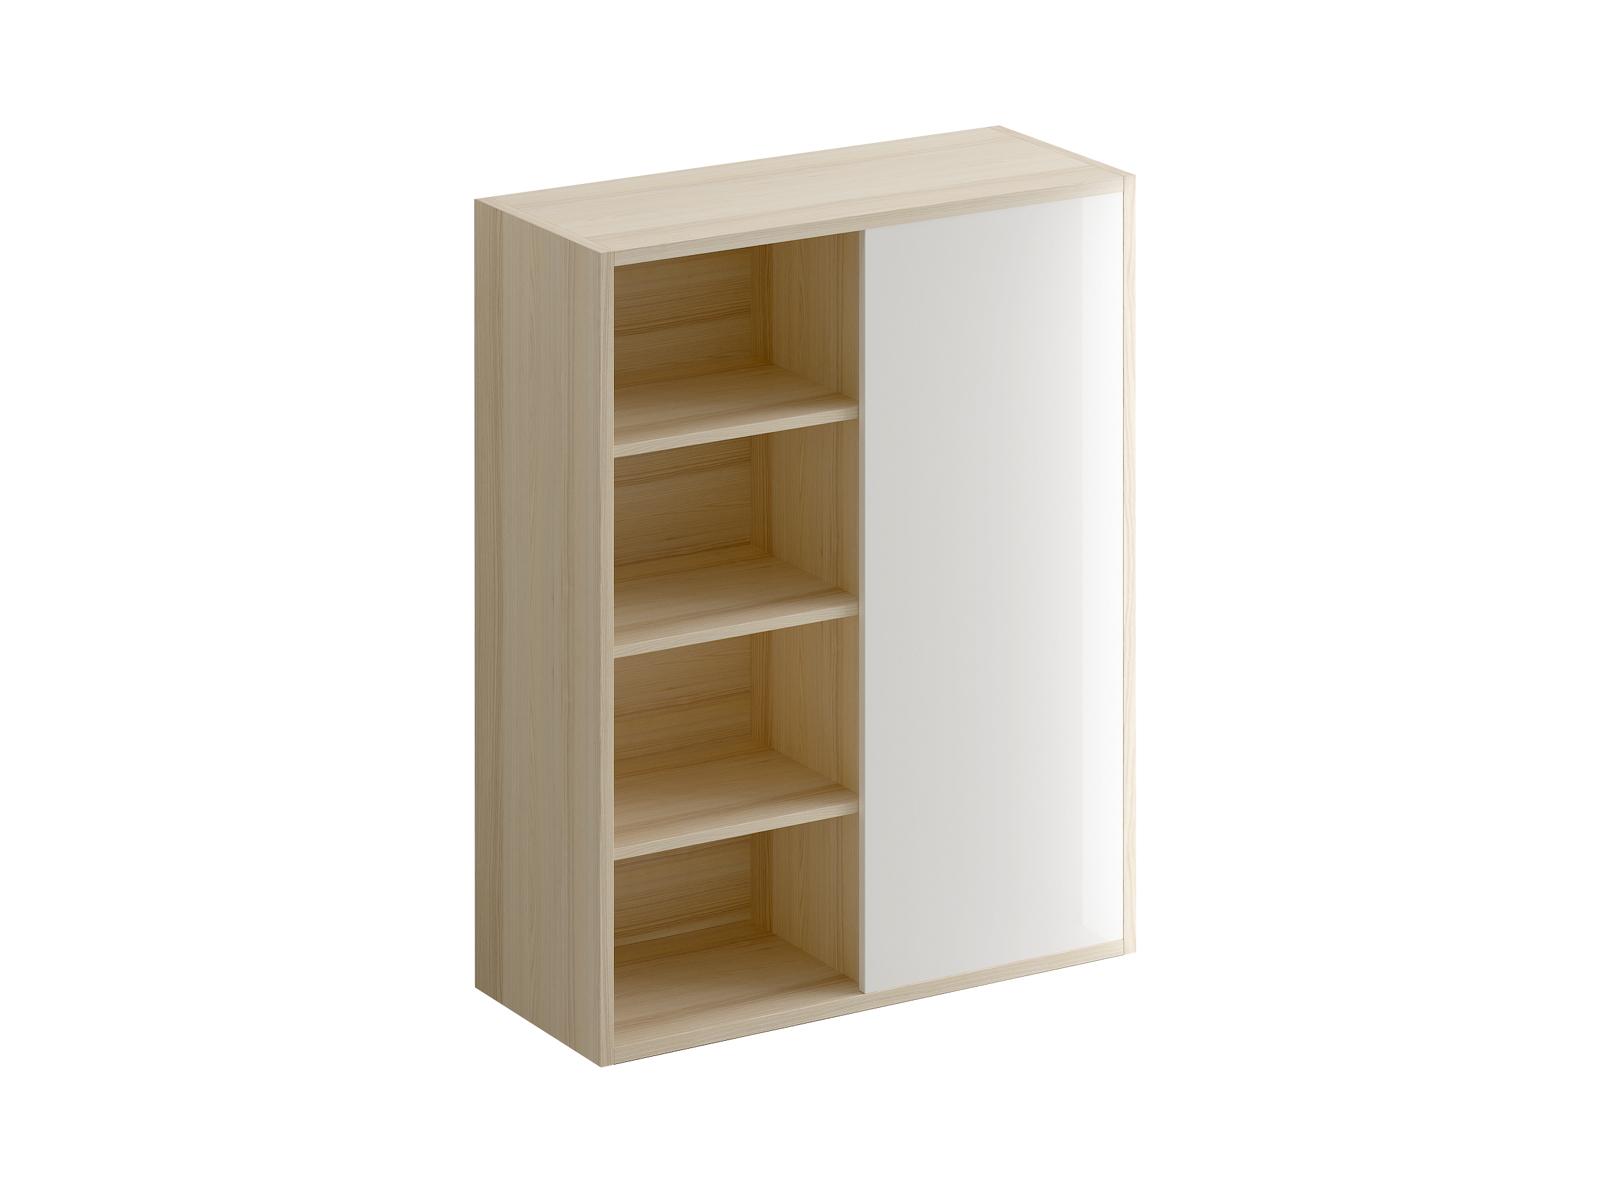 Шкаф Mix PlusБельевые шкафы<br>Шкаф для книг и документов. У шкафа двa отделения: открытые полки слева и съёмные полки за дверью справа.<br><br>Material: ДСП<br>Width см: 88<br>Depth см: 36<br>Height см: 111